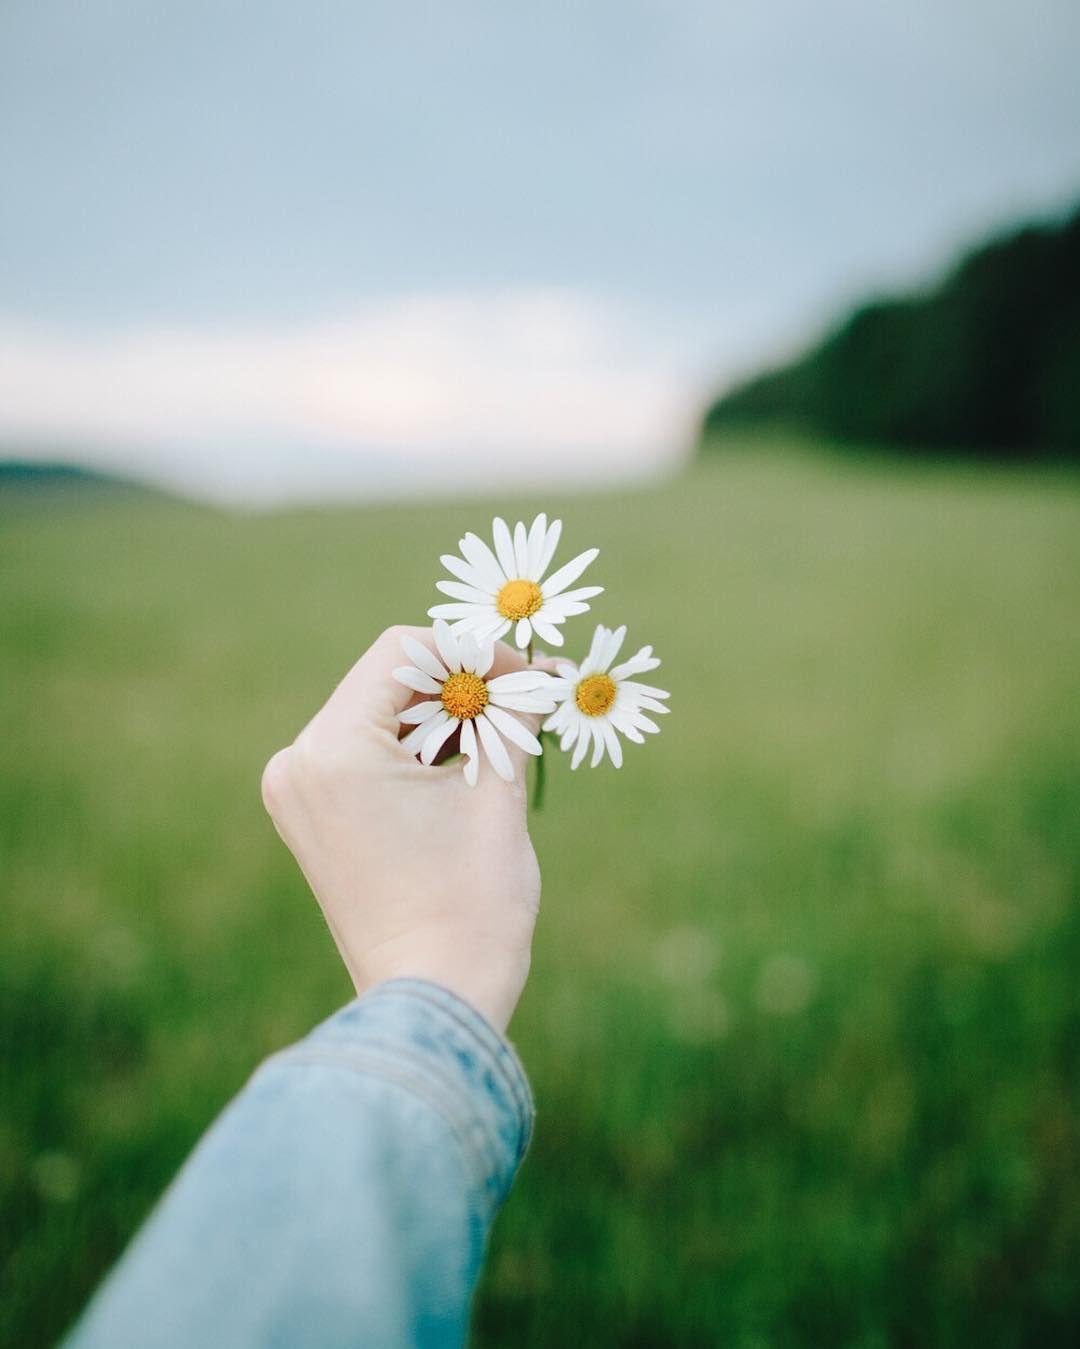 Hoa Đẹp, Hoa Cúc, Phong Cảnh, Hiển Thị, Tạp Chí Fotografia,